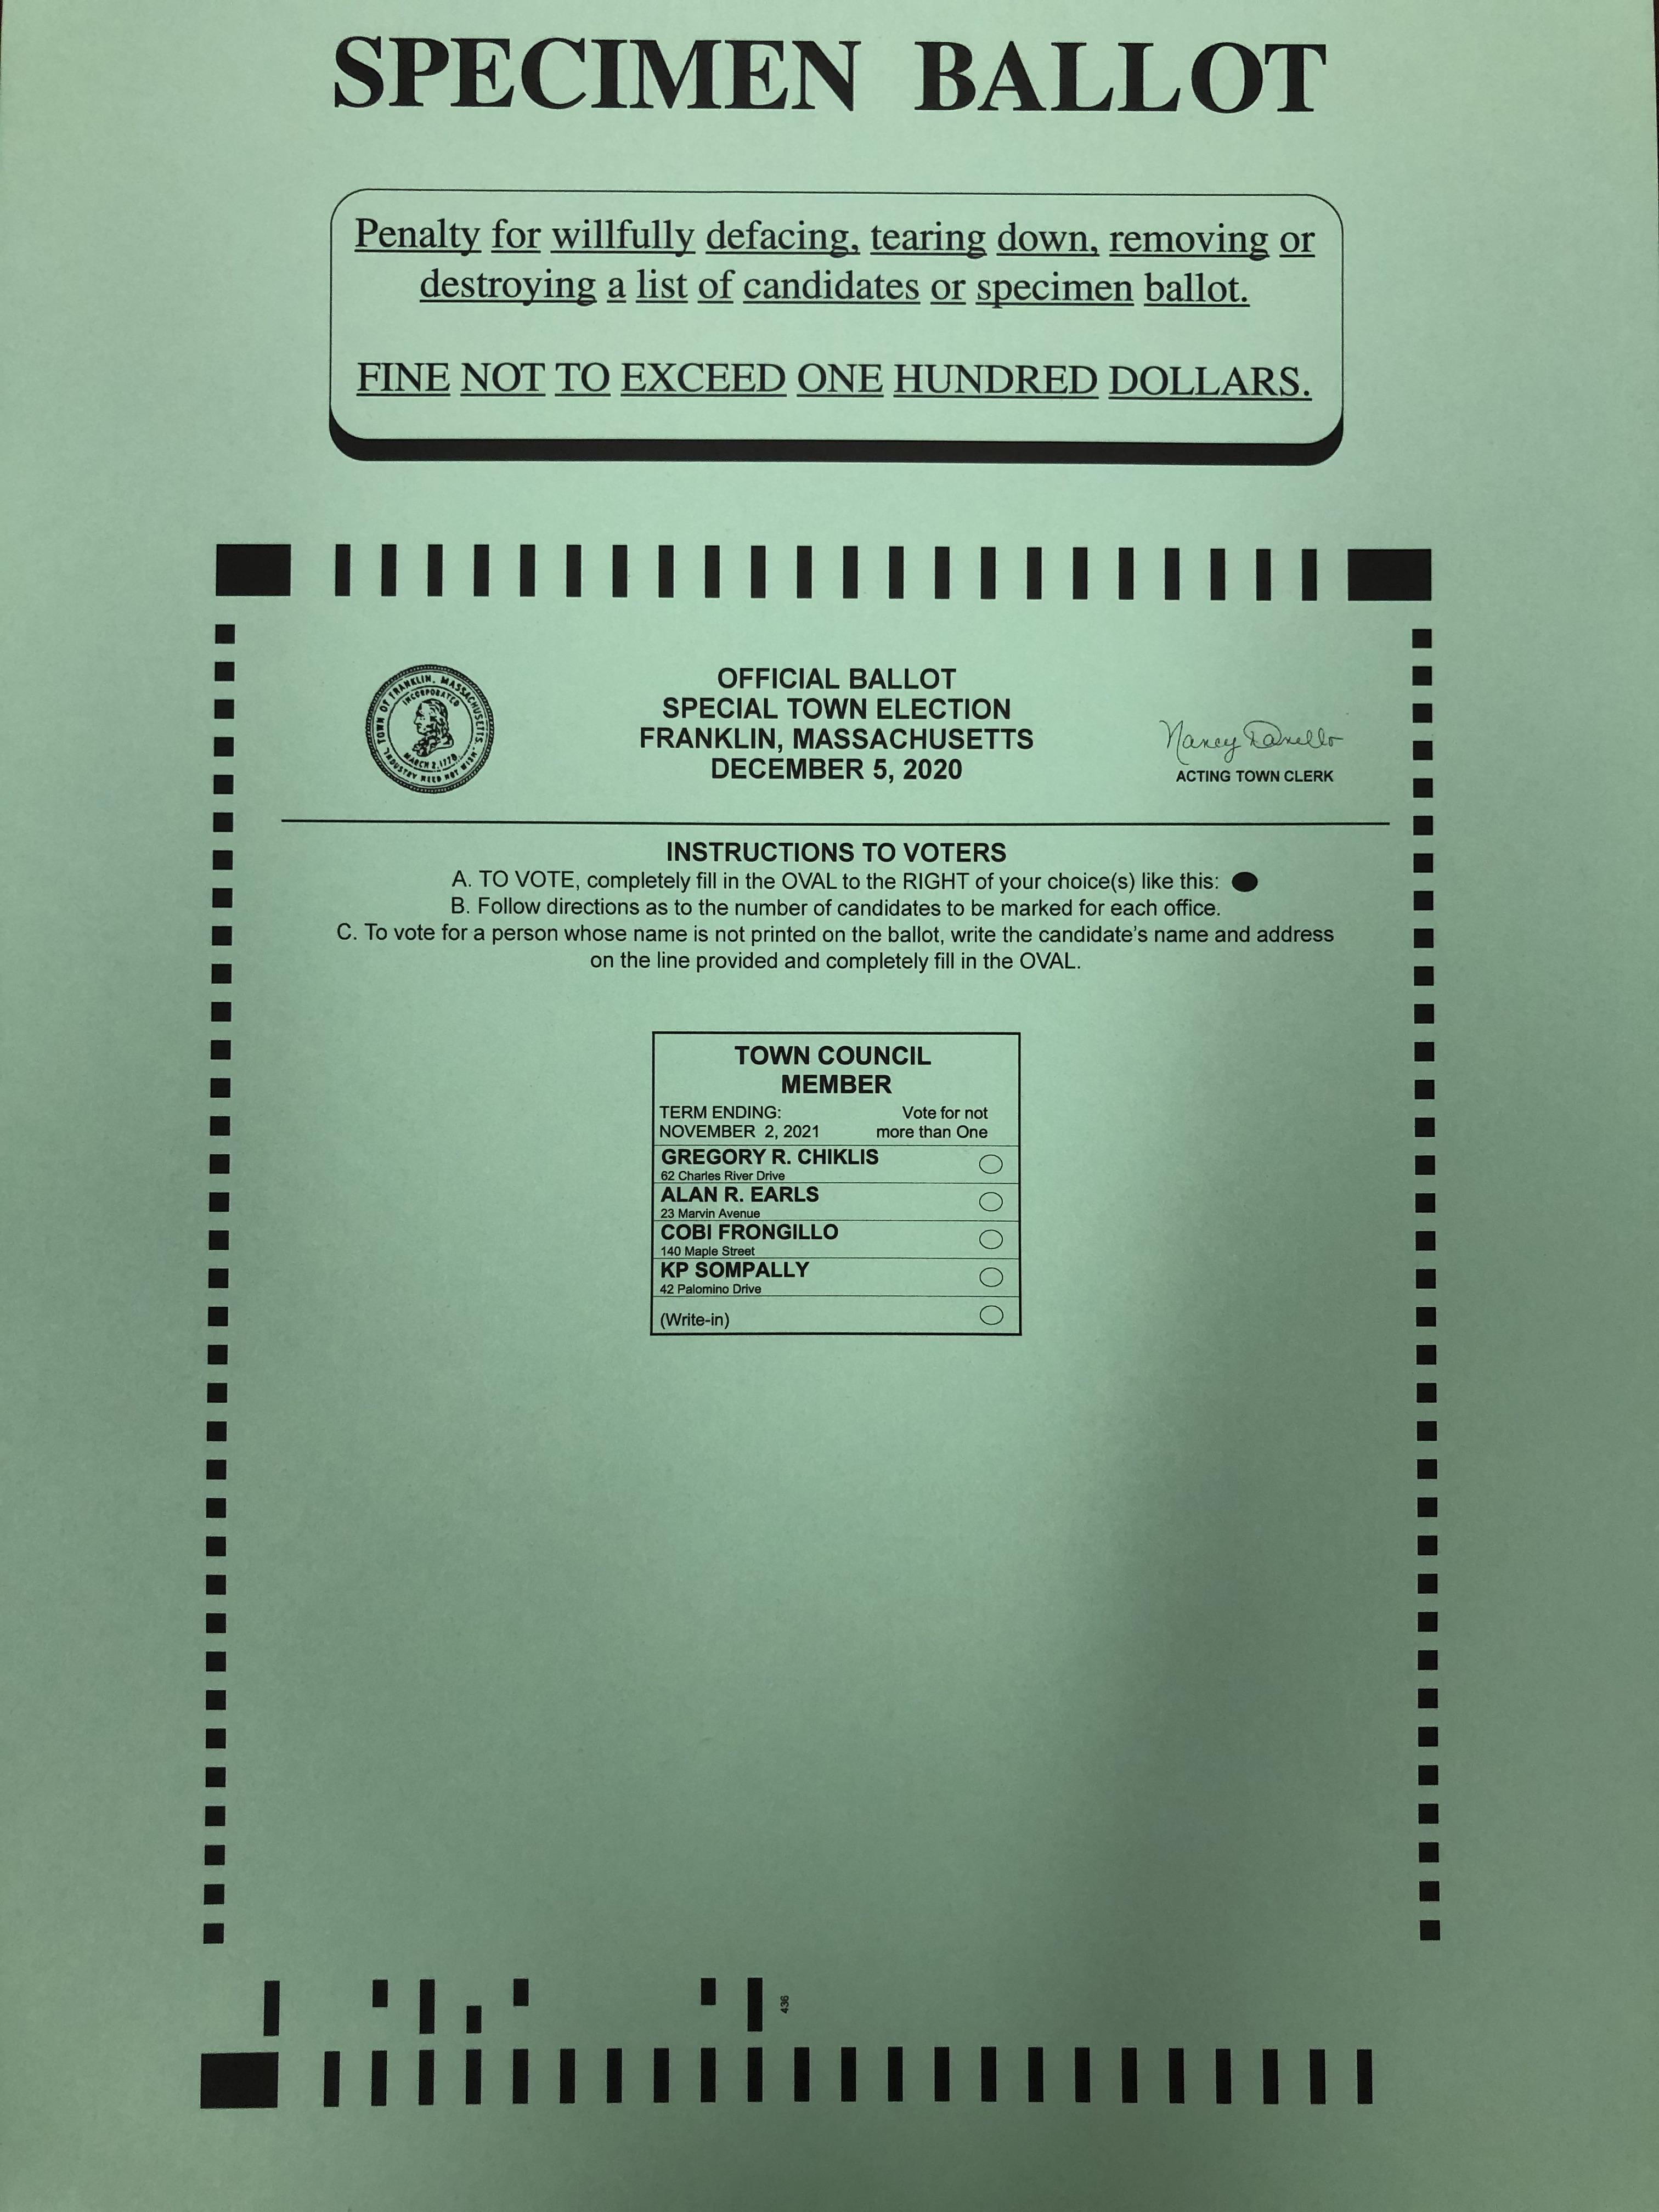 Specimen Ballot for Special Election - Dec 5